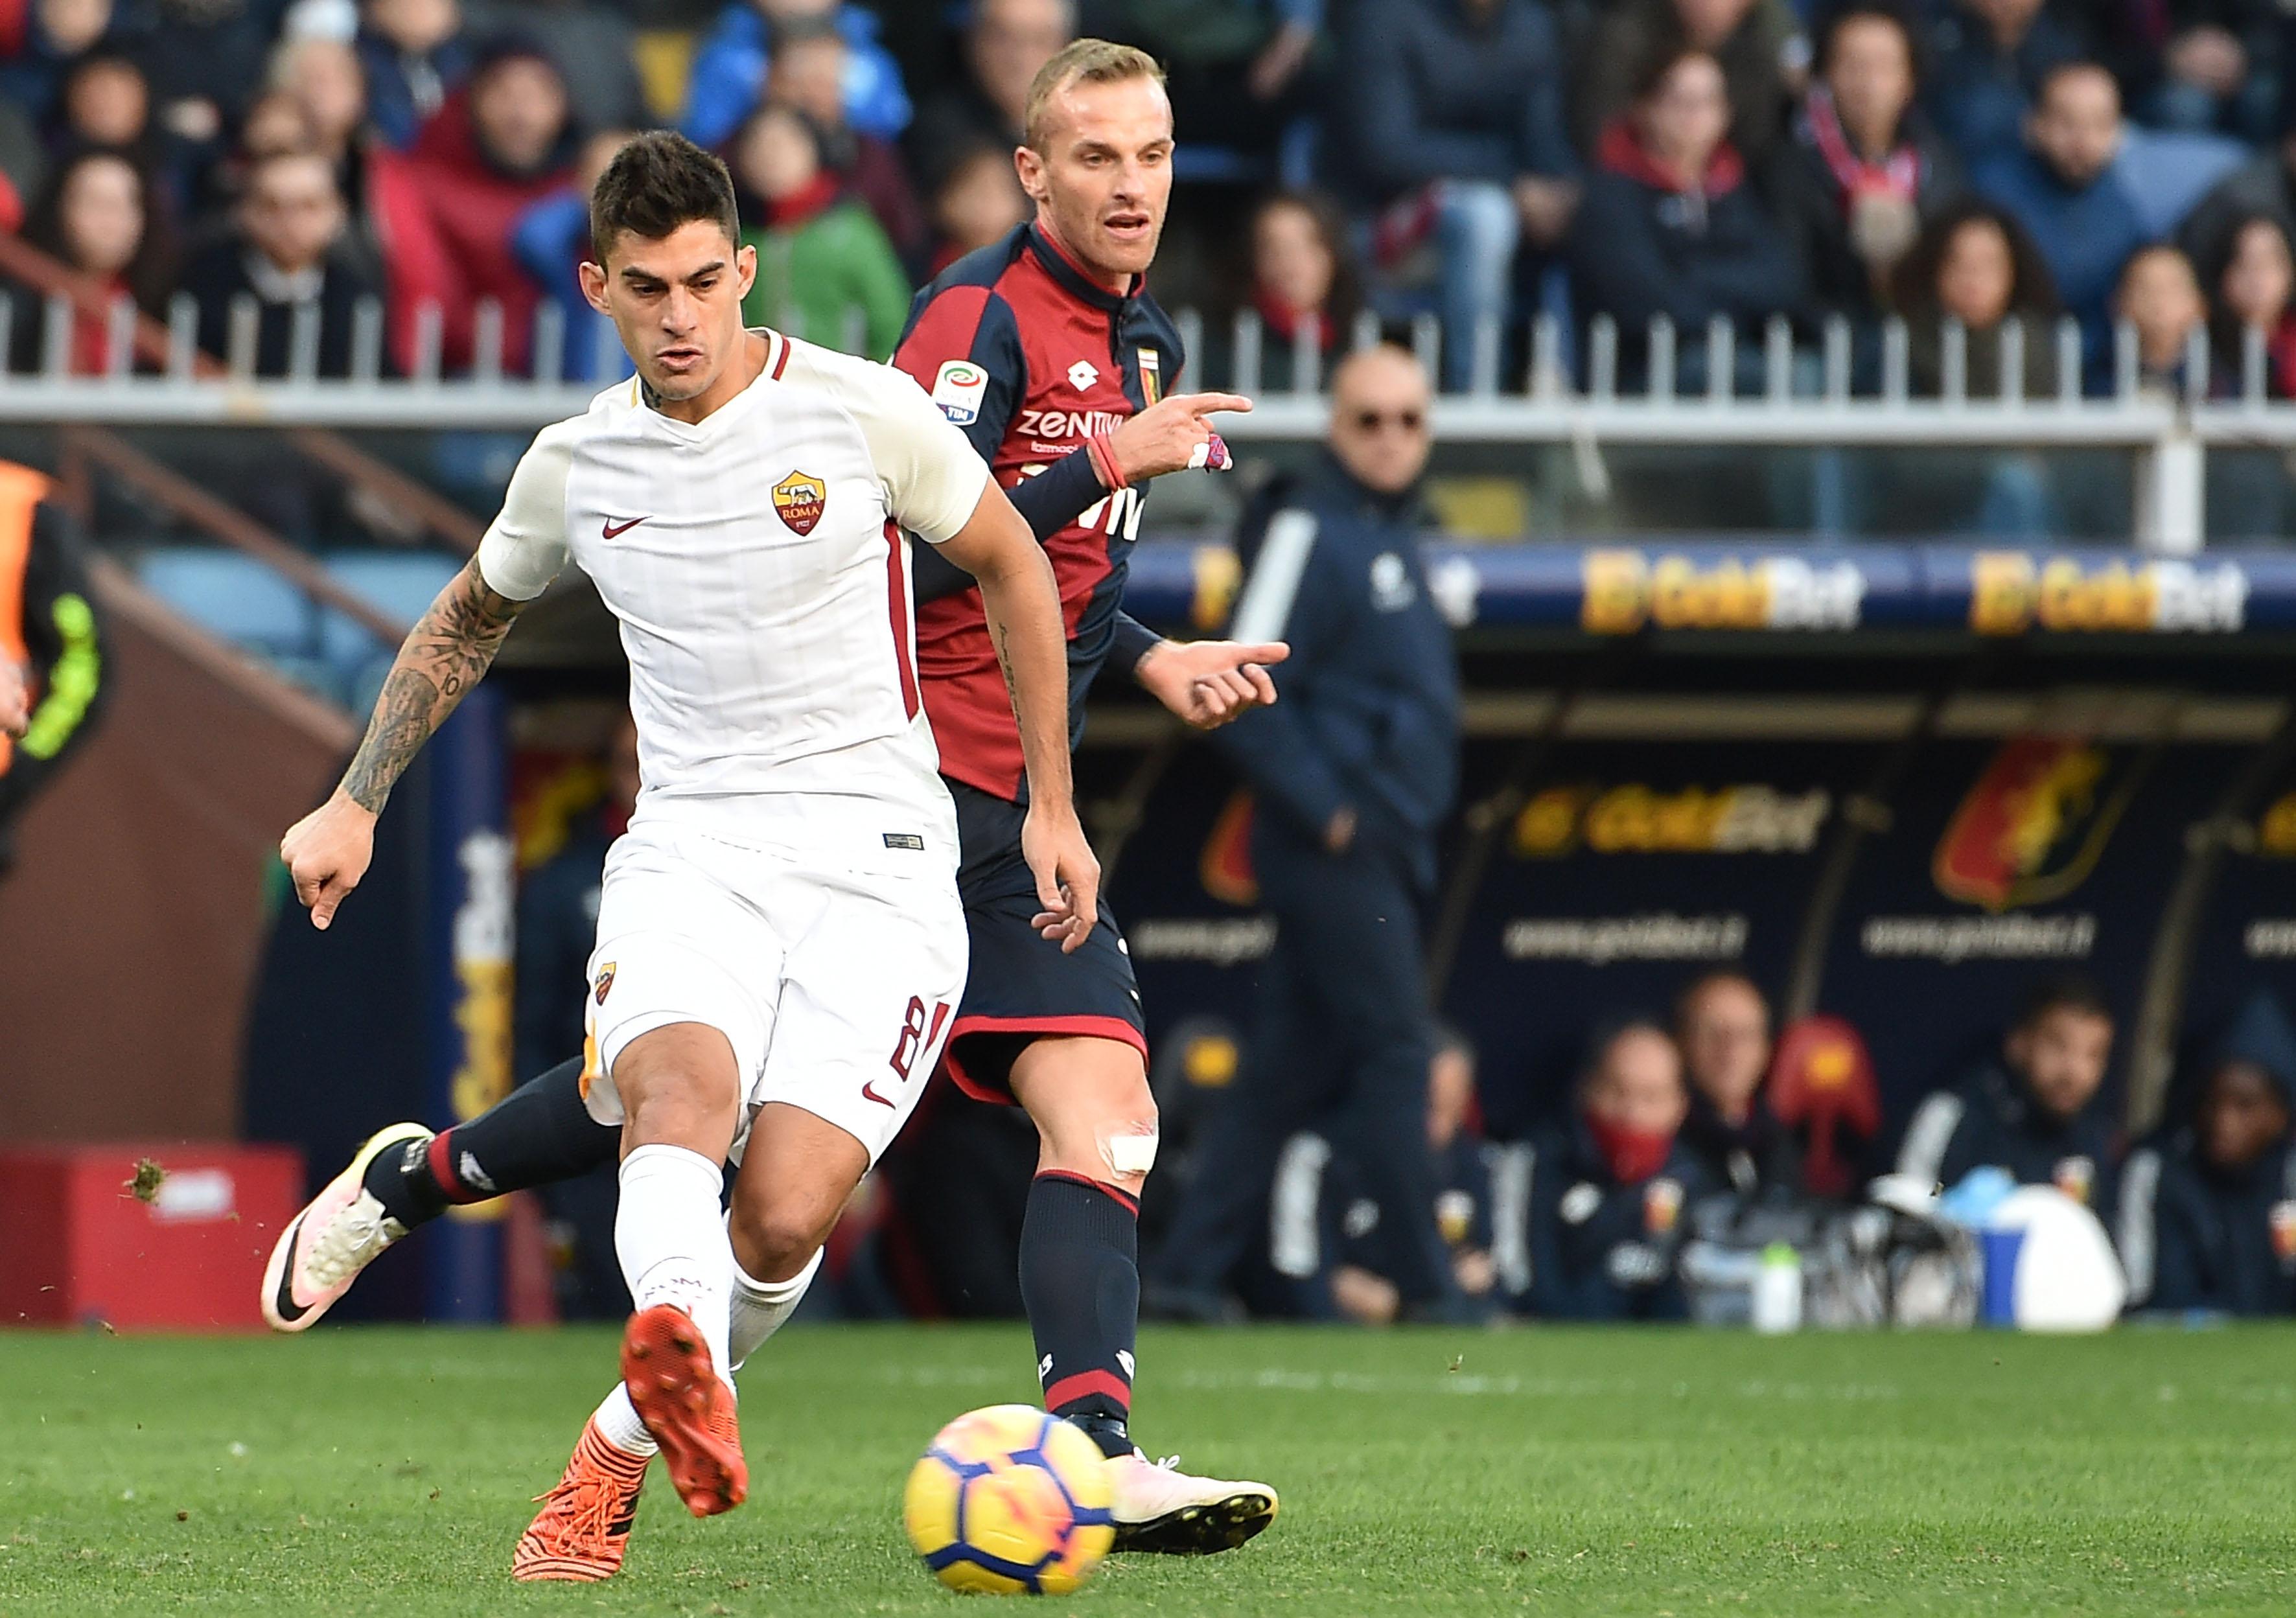 Infortunio Perotti: stop in allenamento, in dubbio per il Genoa